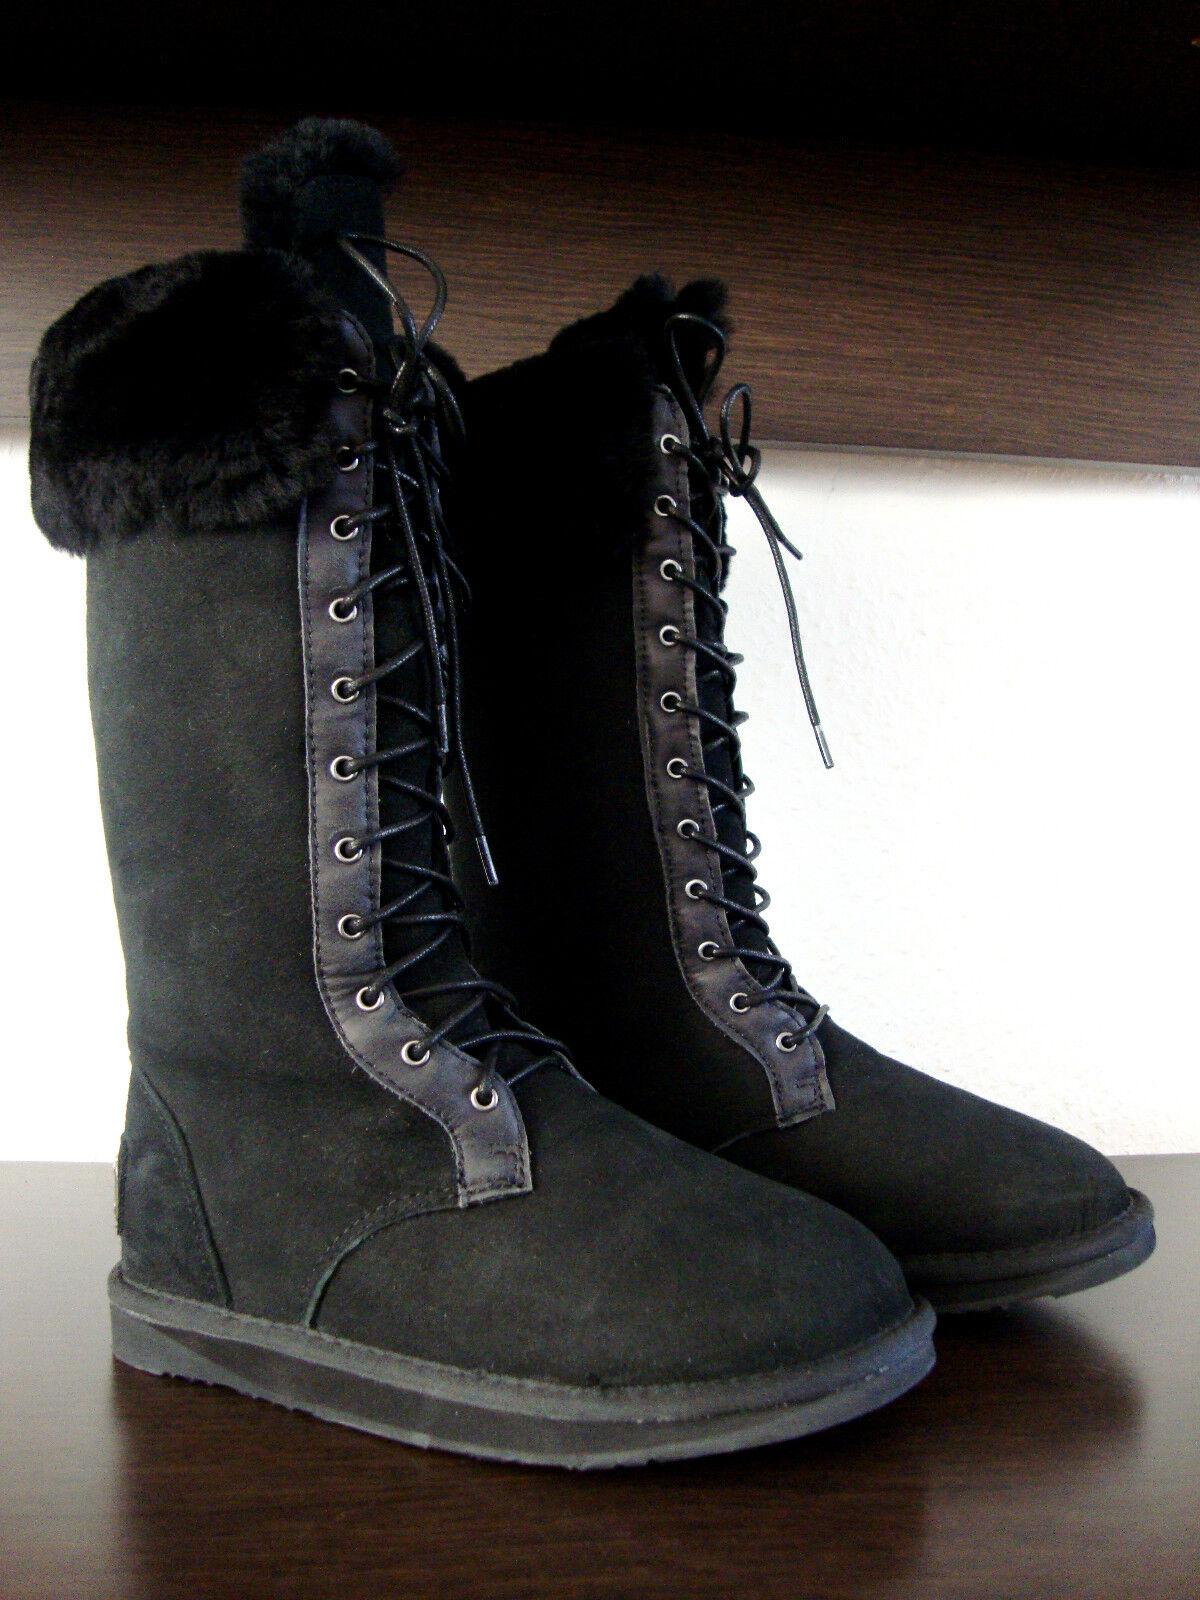 Australia Luxe zapatos Montana Tall botas señora botas Negro zapatos Luxe de piel nuevo 37bc61